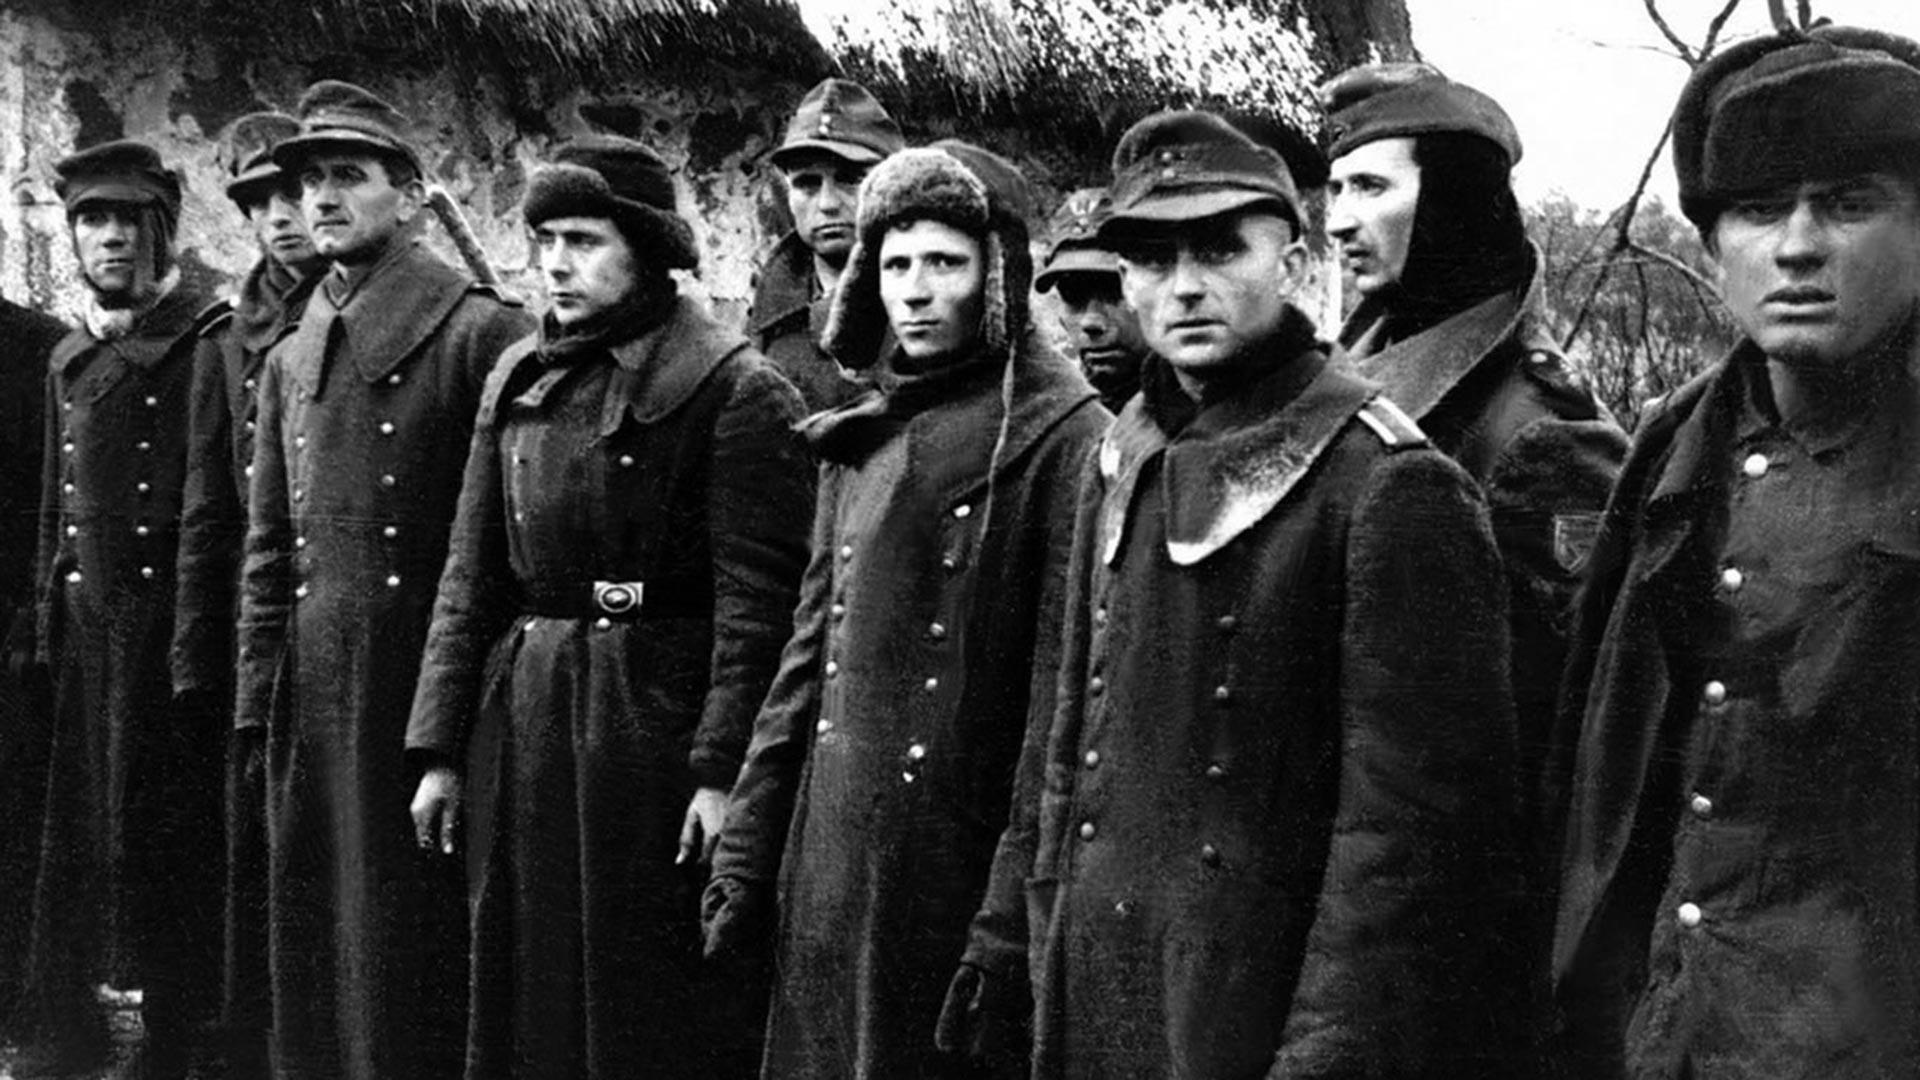 Nemški vojni ujetniki